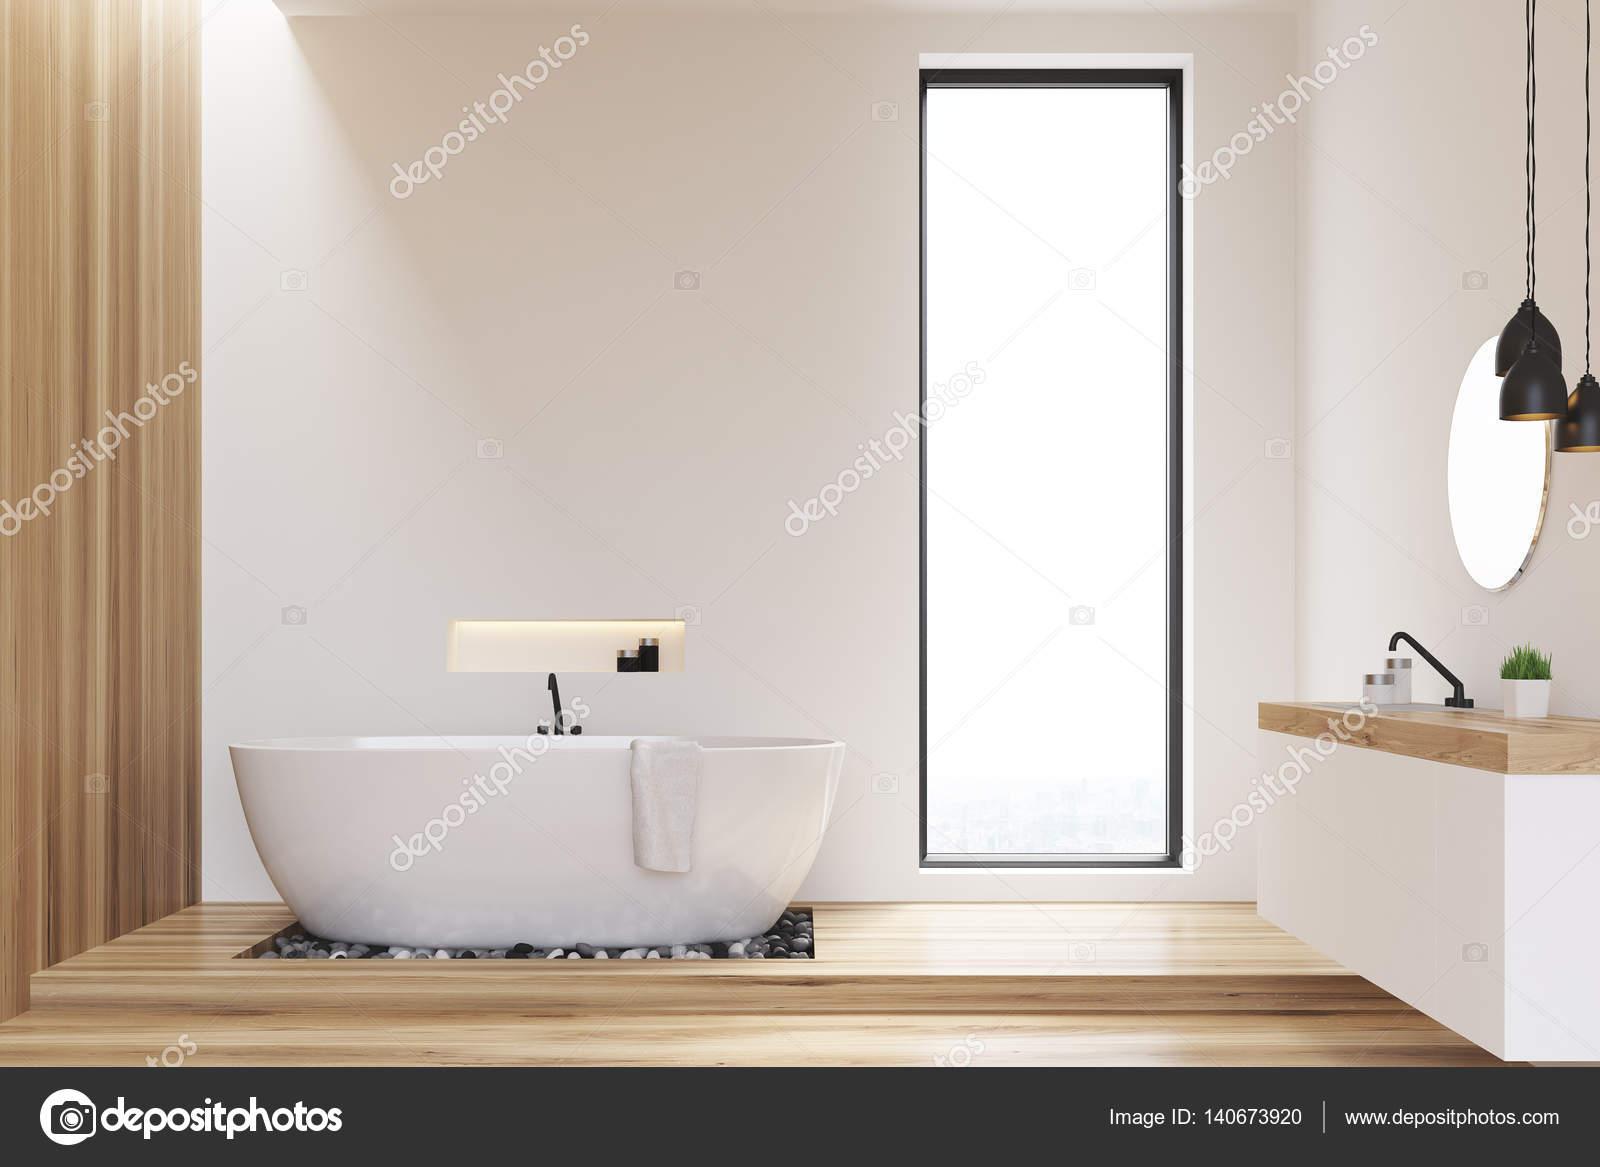 Pareti Bianche E Beige : Bagno di pareti bianche e legno u foto stock denisismagilov